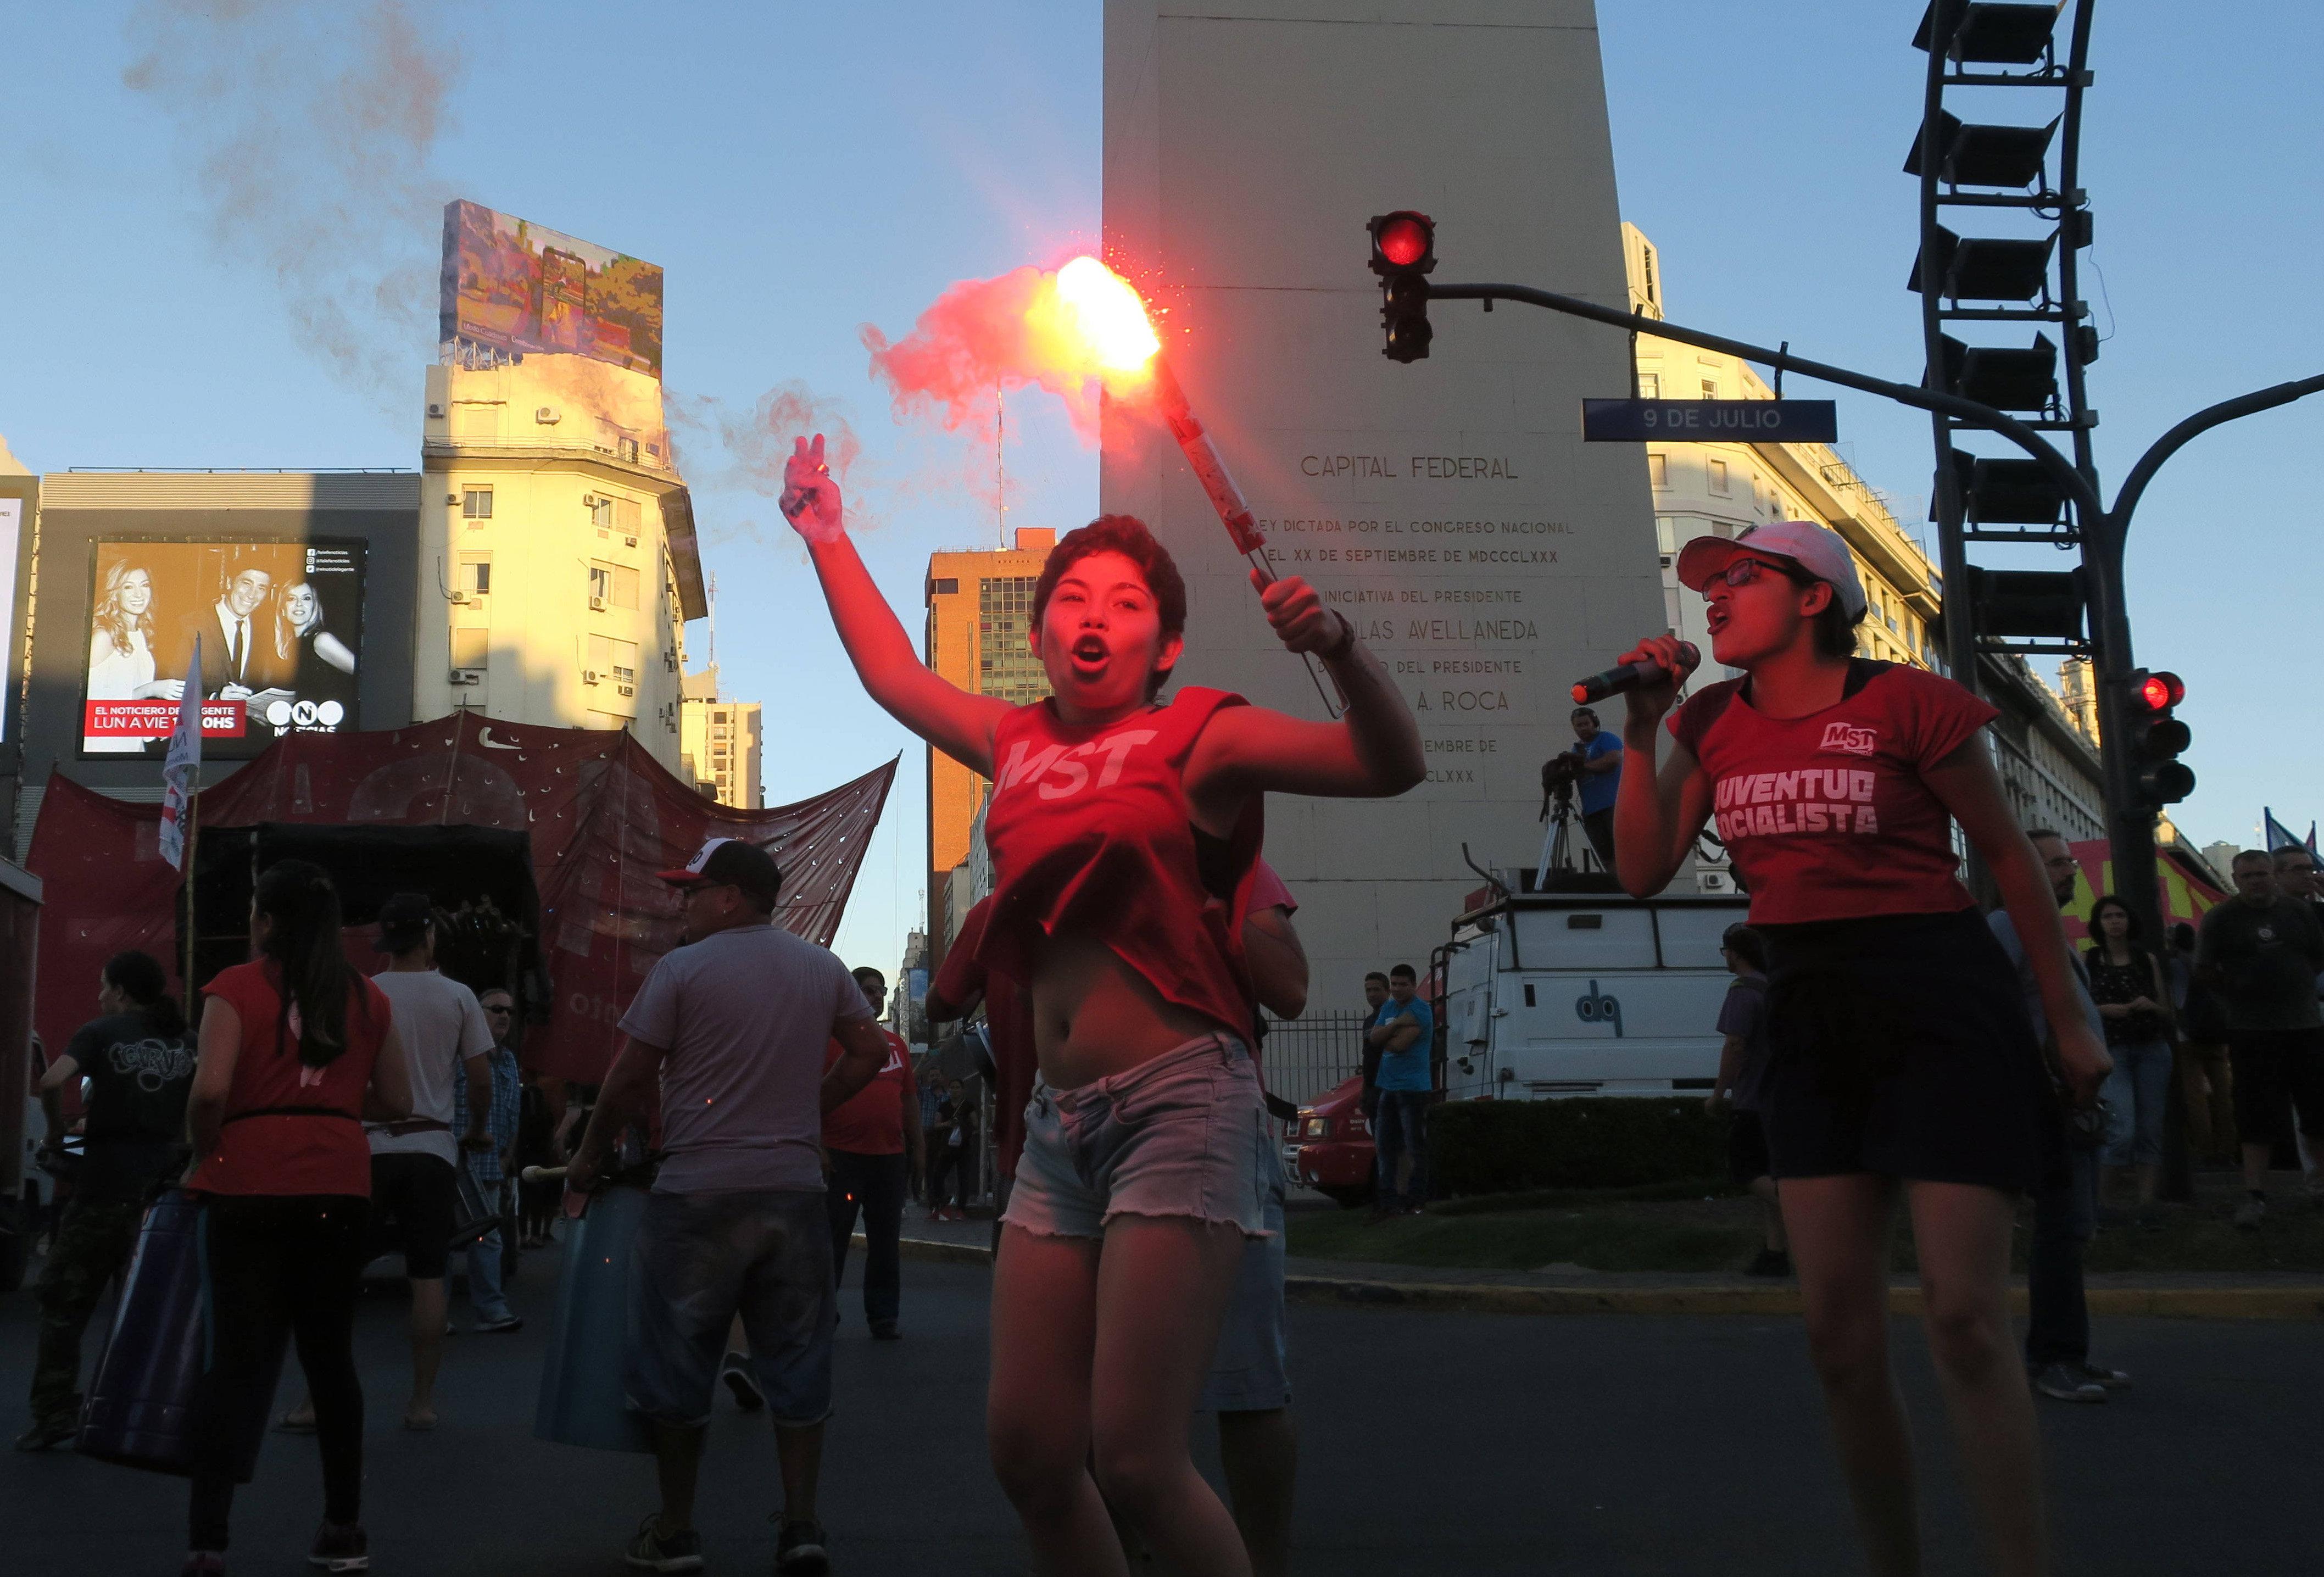 Diferents col·lectius protesten en contra de les polítiques que es debaten a l'onzena conferència ministerial de l'Organització Mundial del Comerç (OMC). /MARINA GUILLÉN